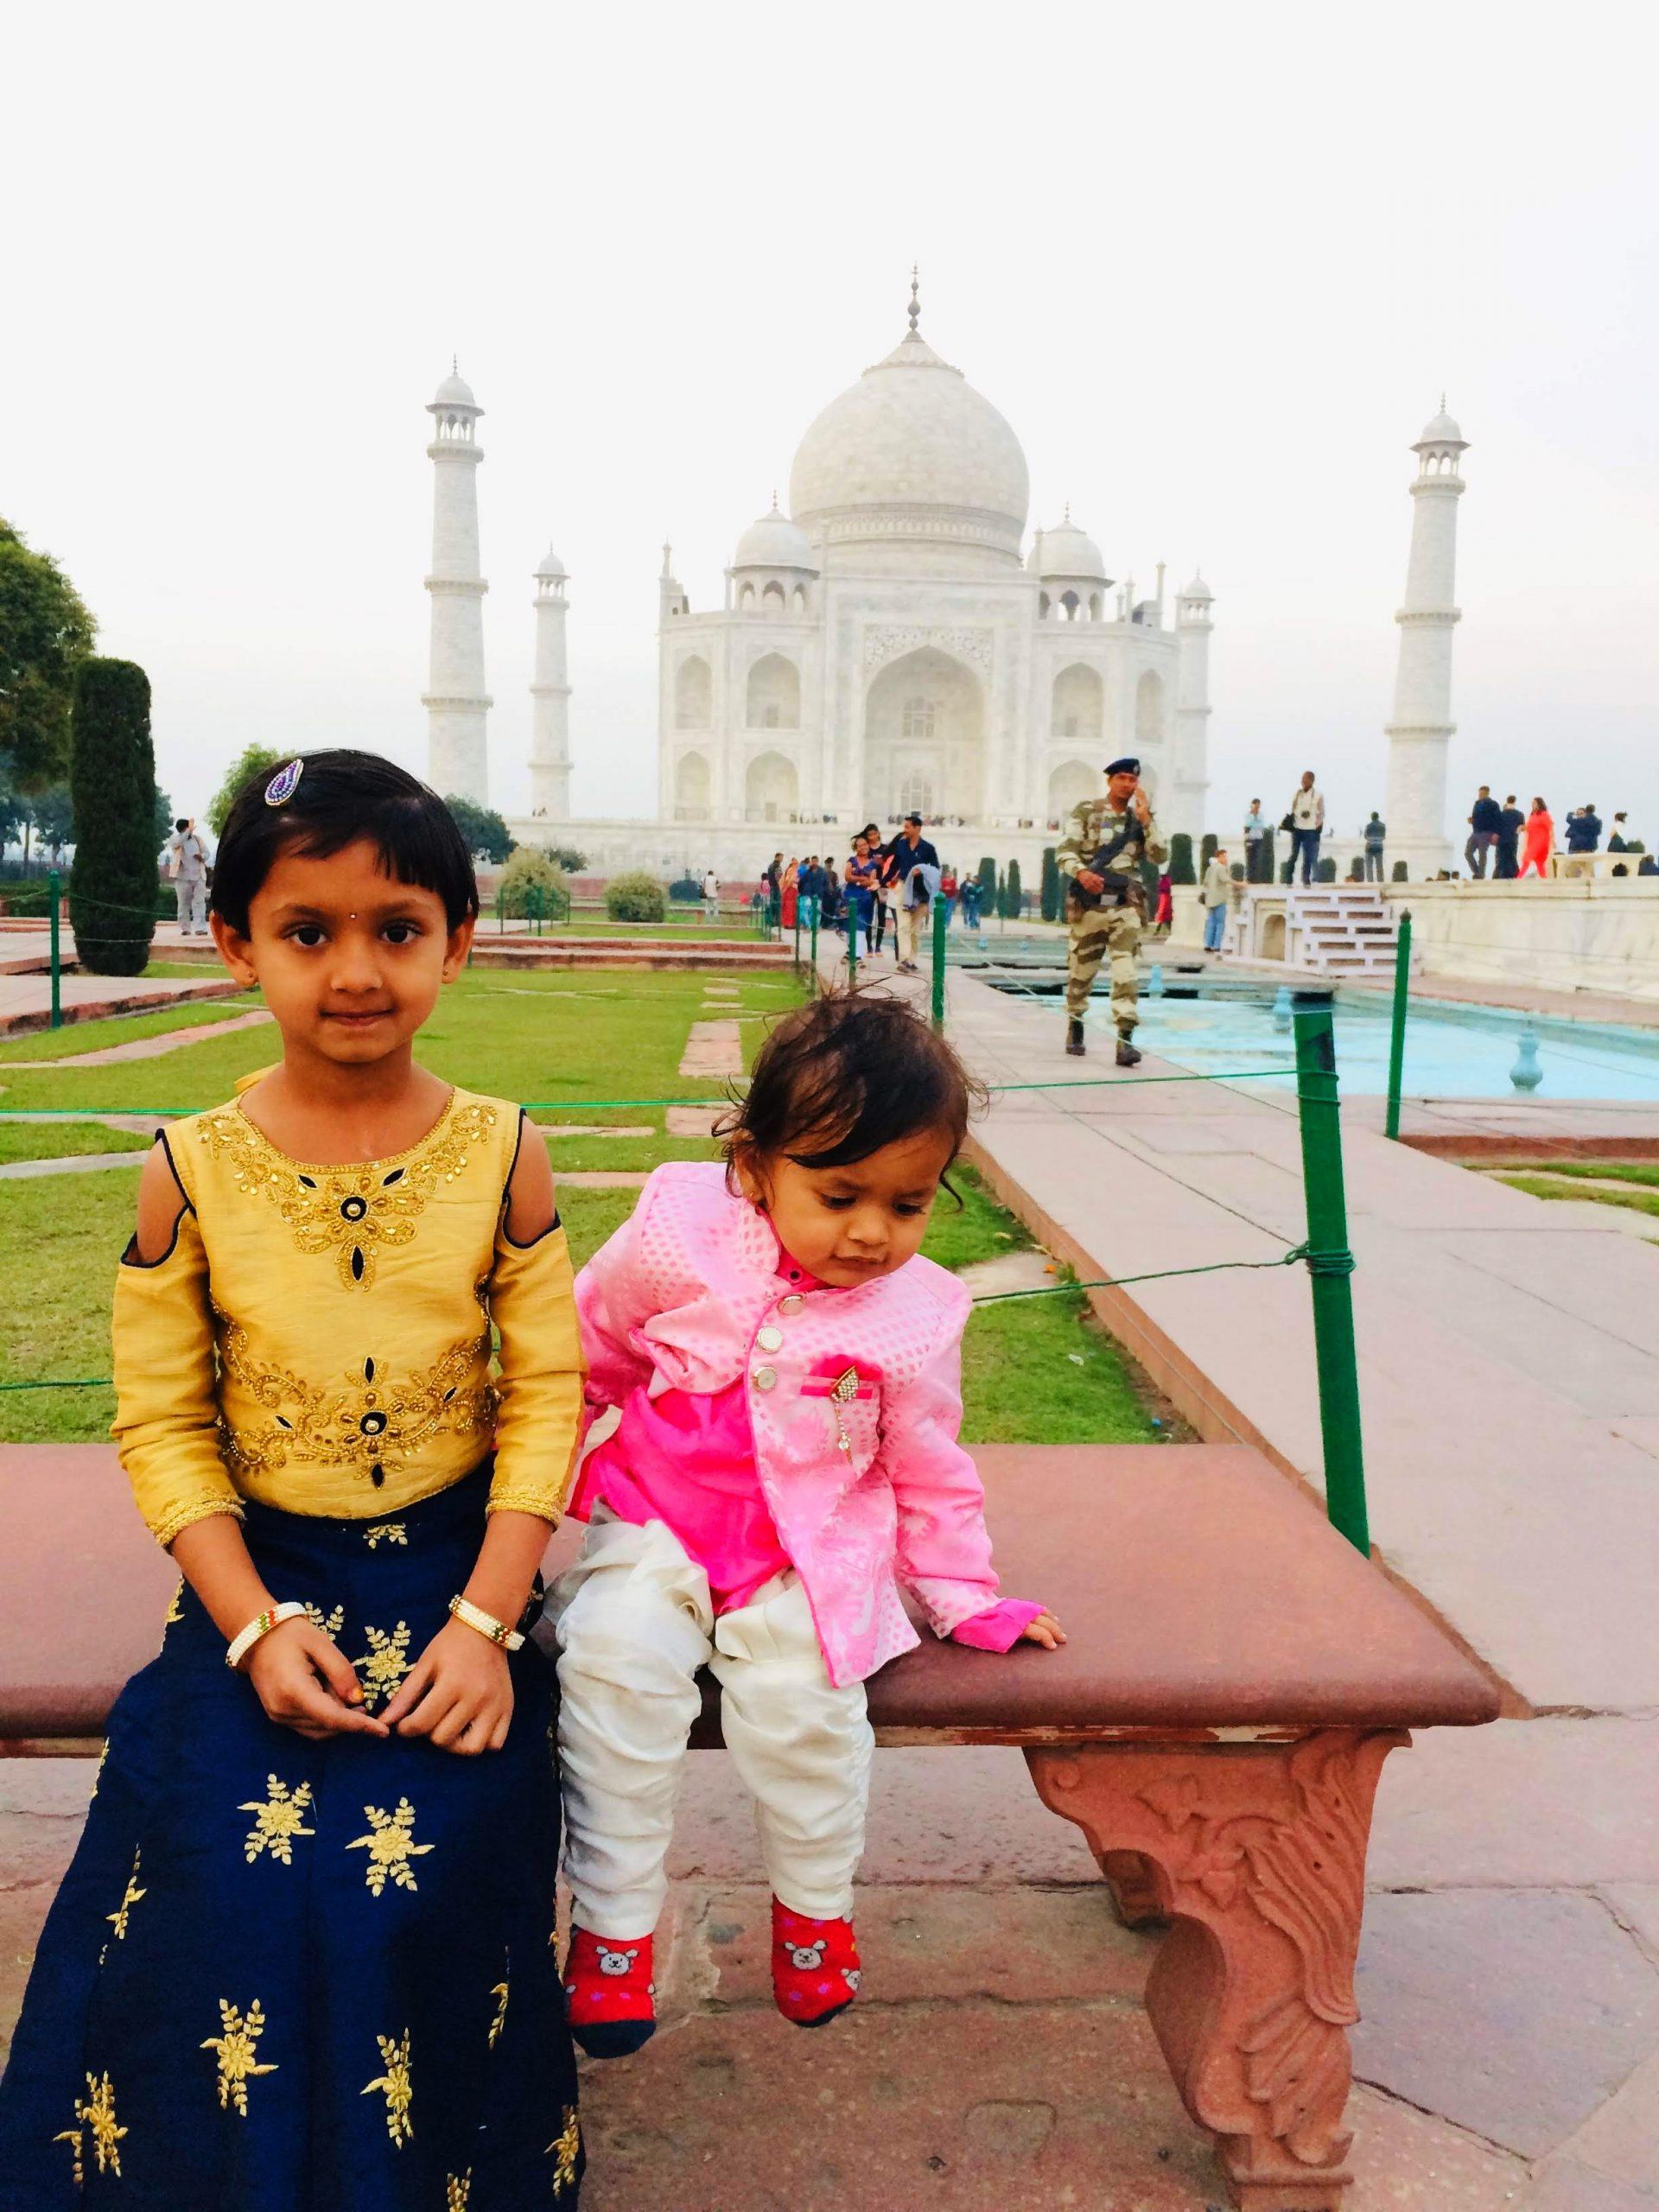 Kids at Taj Mahal complex